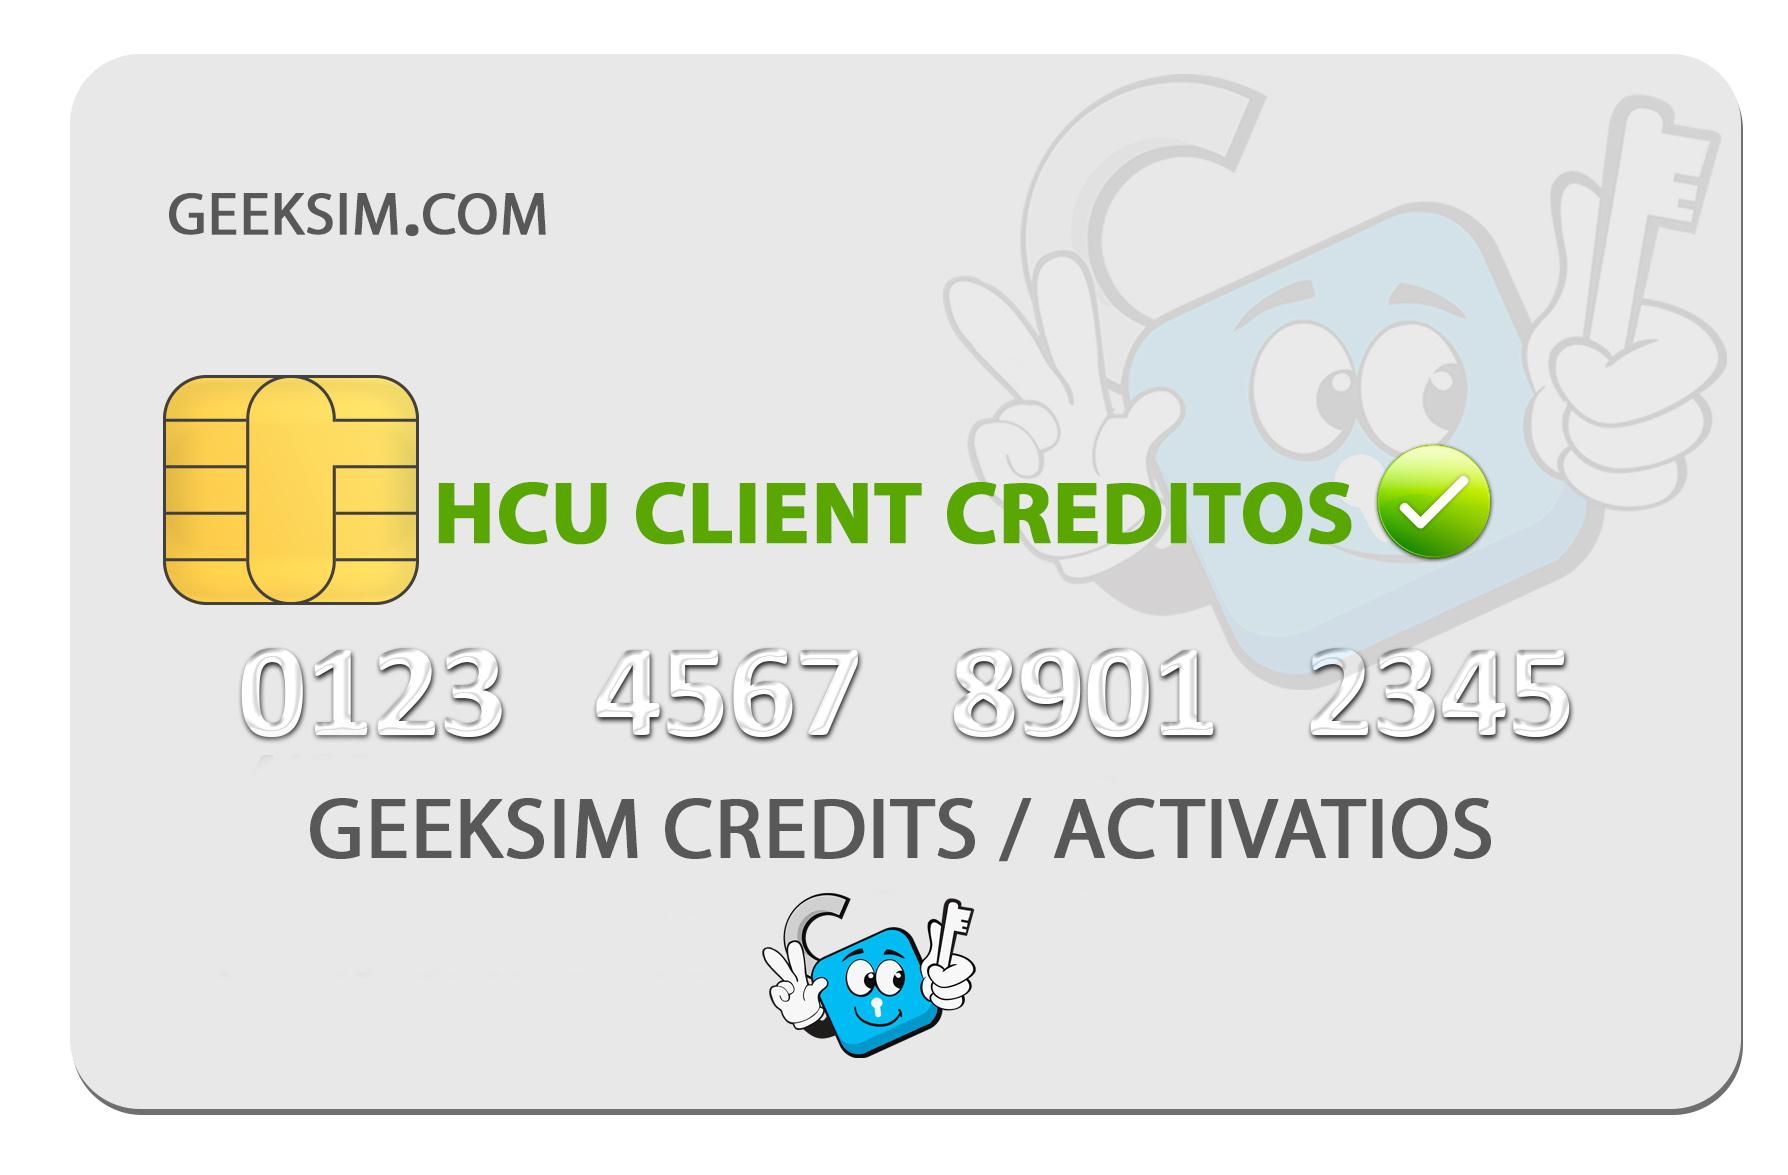 HCU-CLIENT-CREDITOS